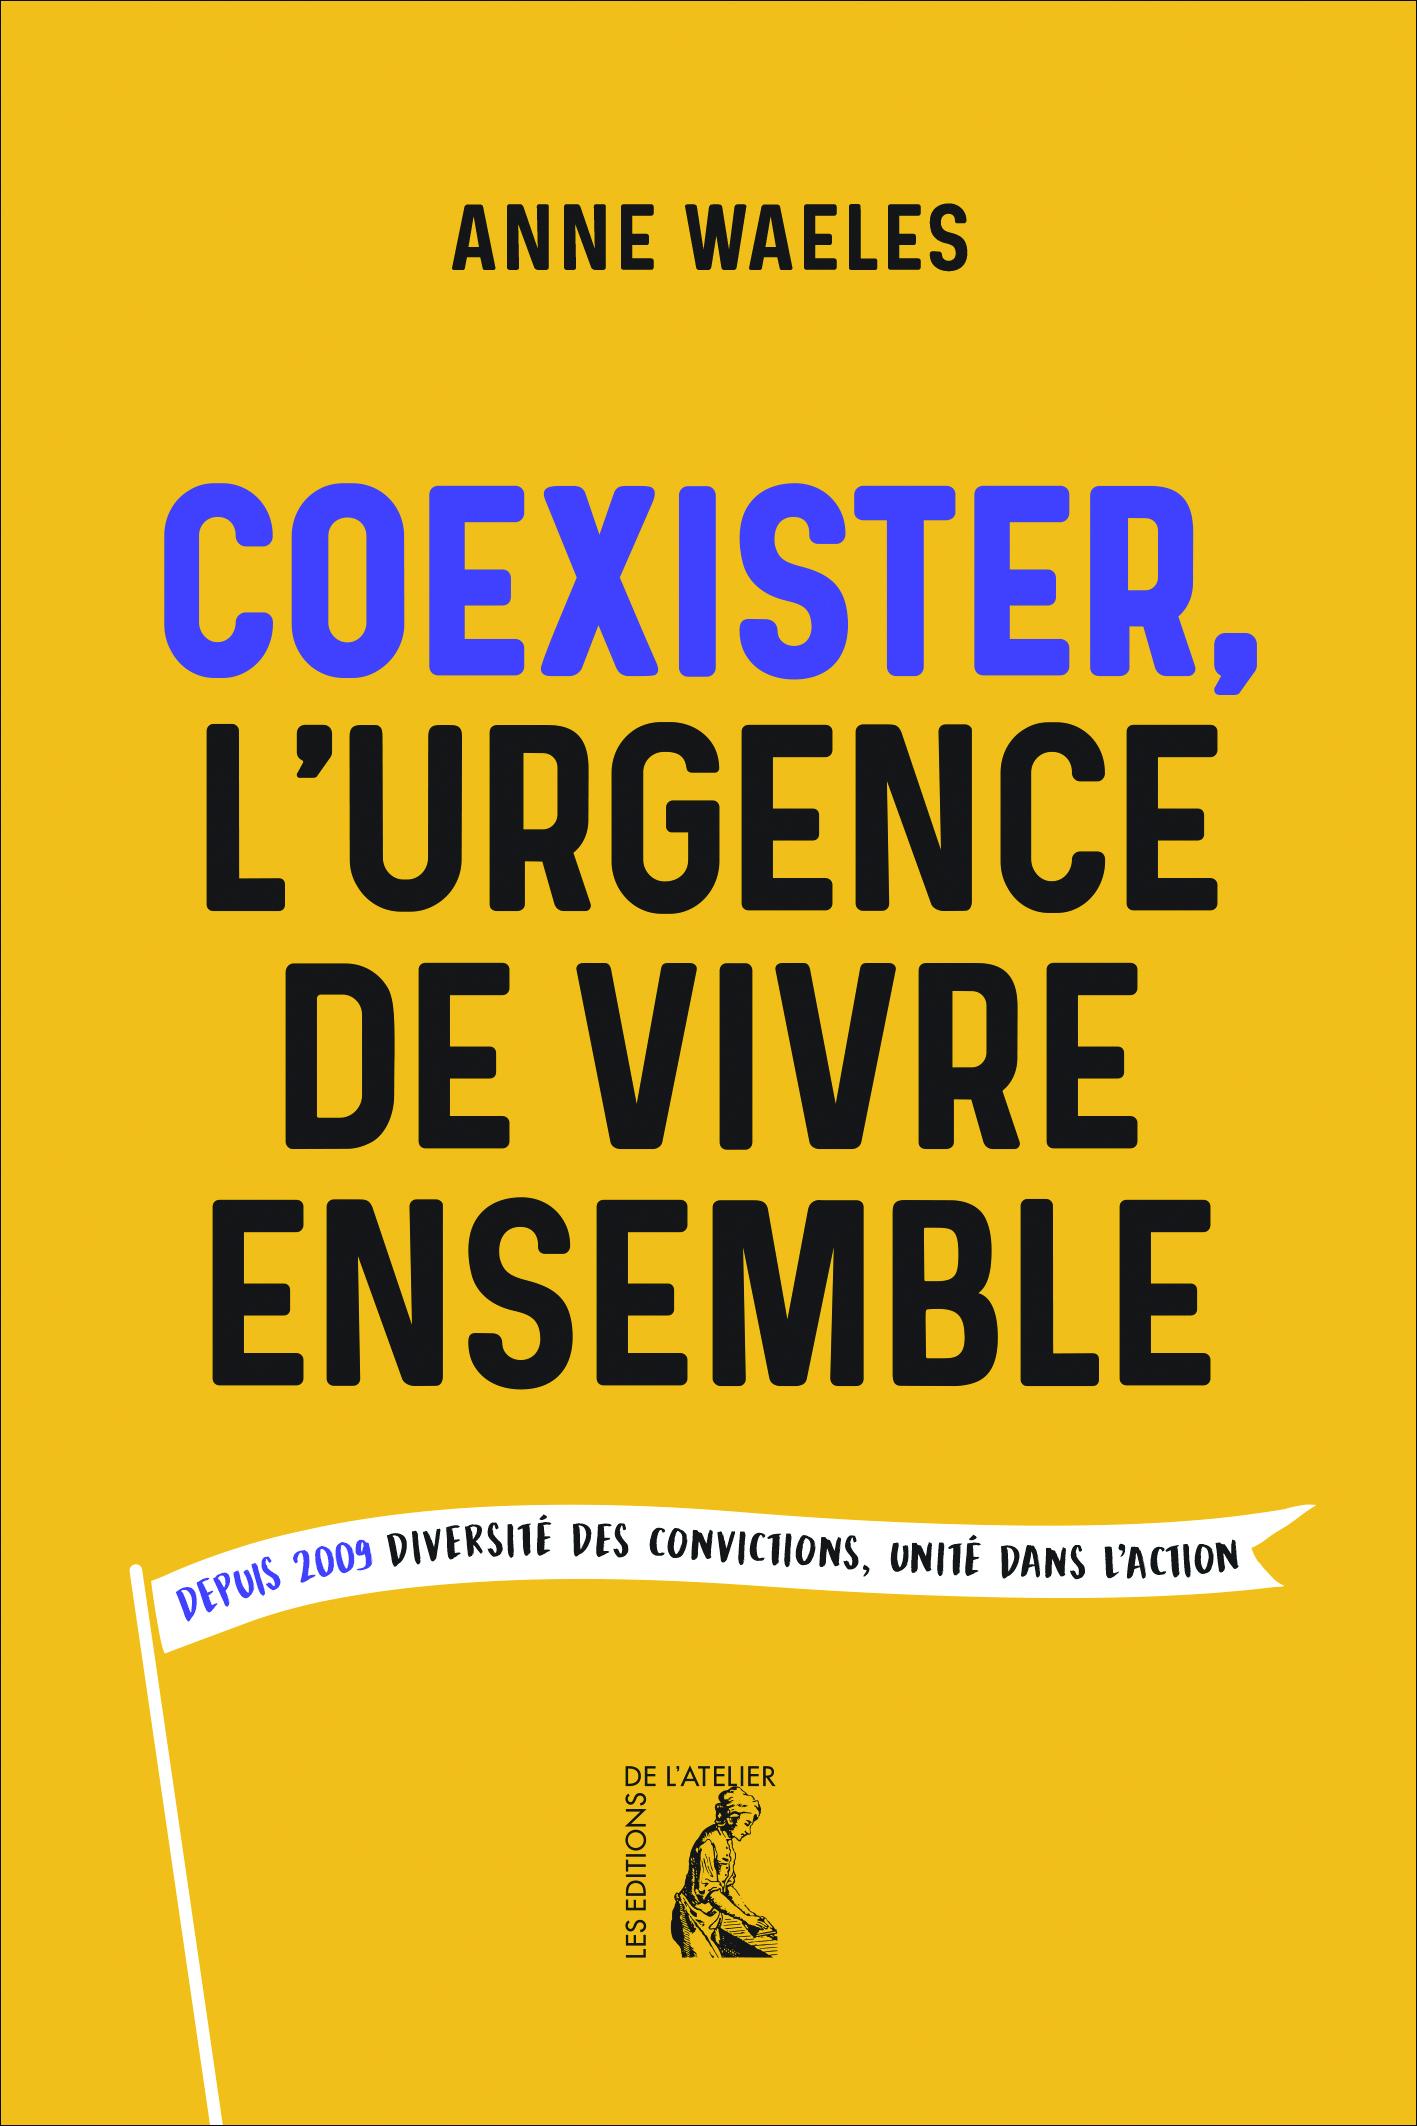 A paraître : aux Éditions de l'Atelier Pages%20de%20propo%20couv%20coexister%20ecran